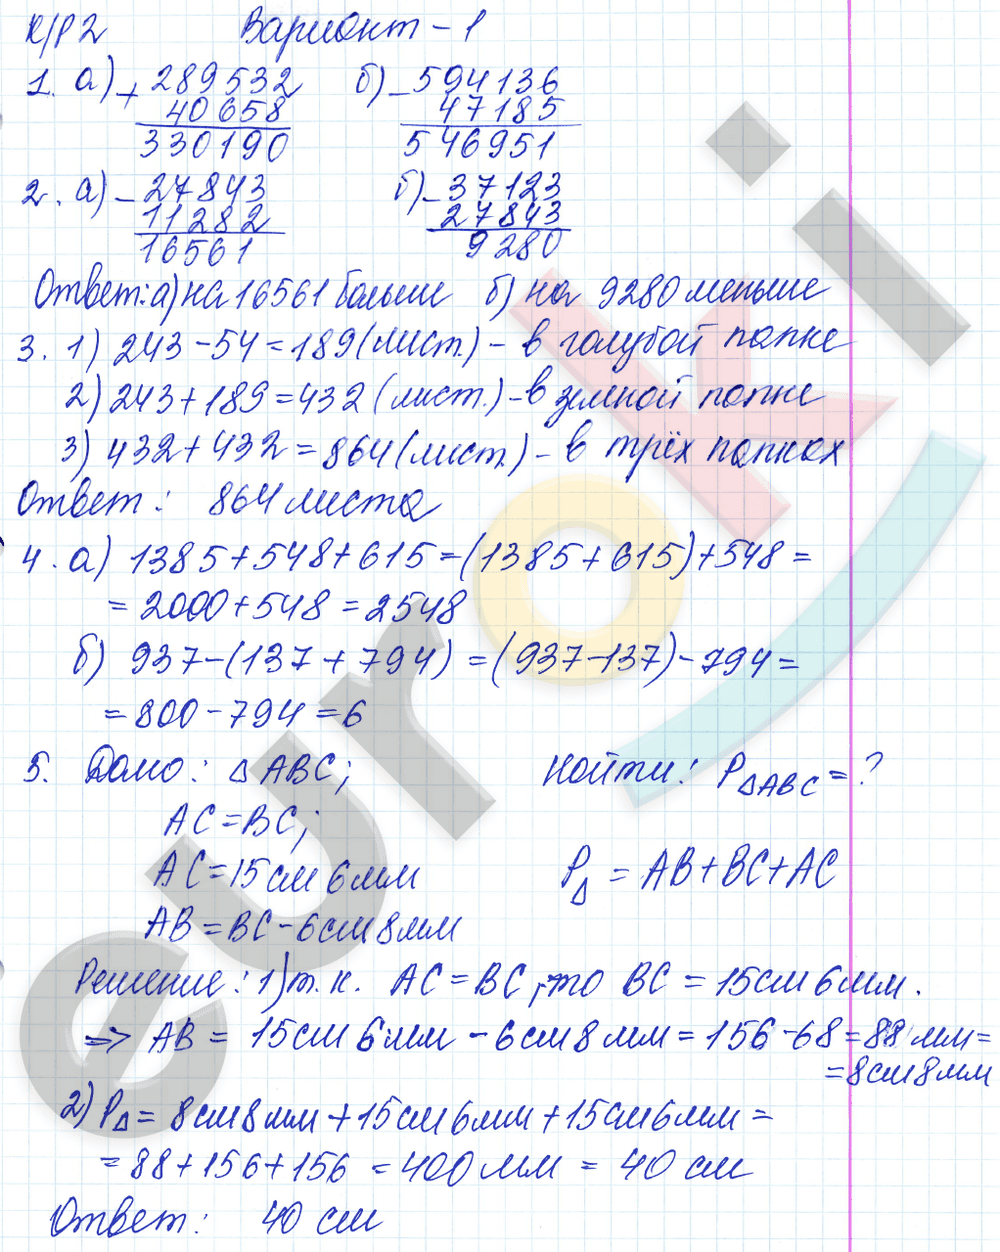 ГДЗ по математике 5 класс контрольные работы Дудницын, Кронгауз Экзамен ответы и решения онлайн КР-2. Сложение и вычитание натуральных чисел. Задание: Вариант 1